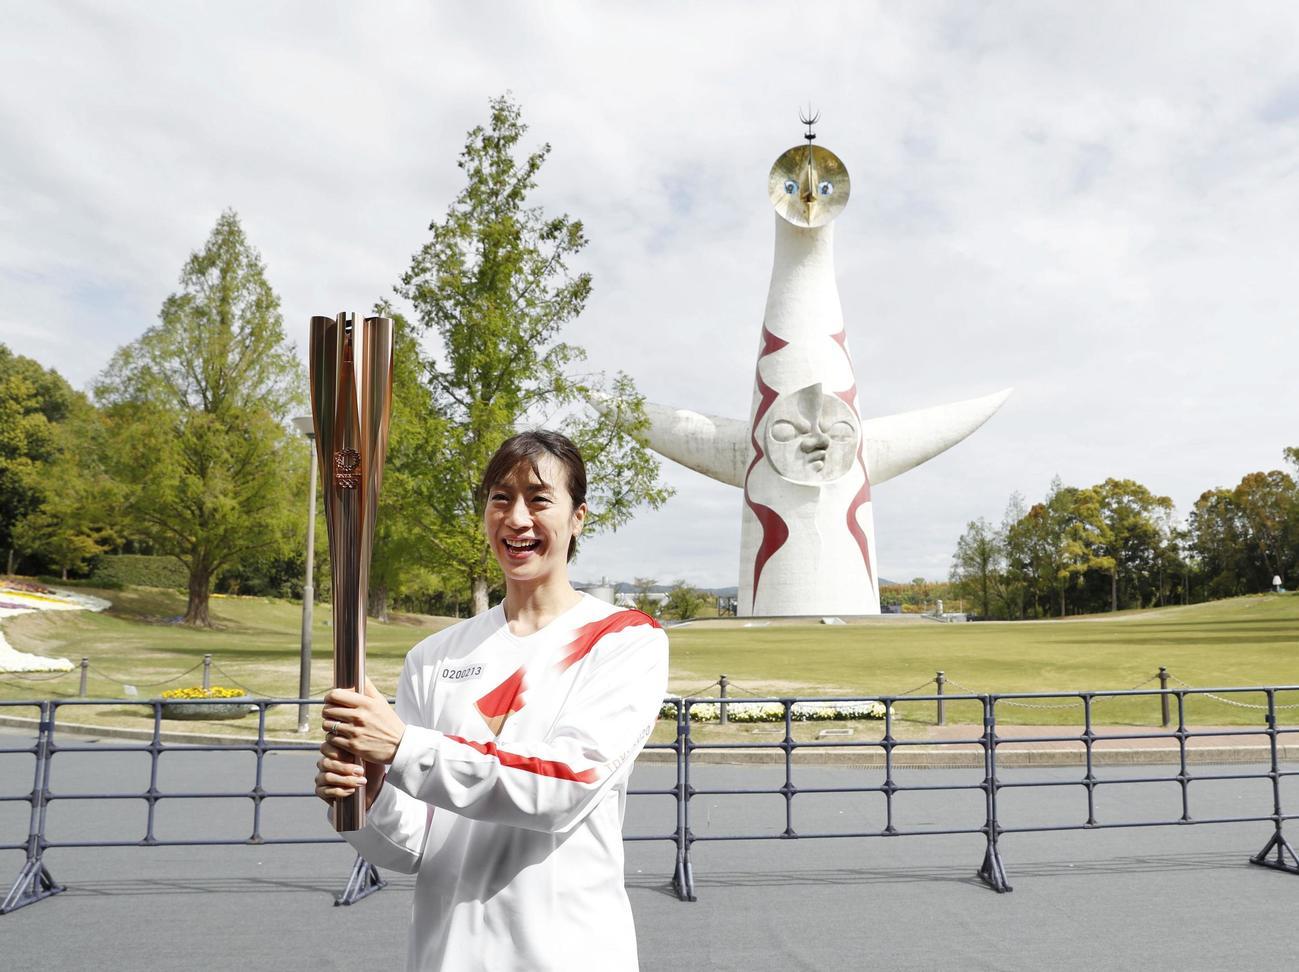 聖火リレーに笑顔で臨む寺川綾さん=13日午前、大阪府吹田市の万博記念公園(共同)